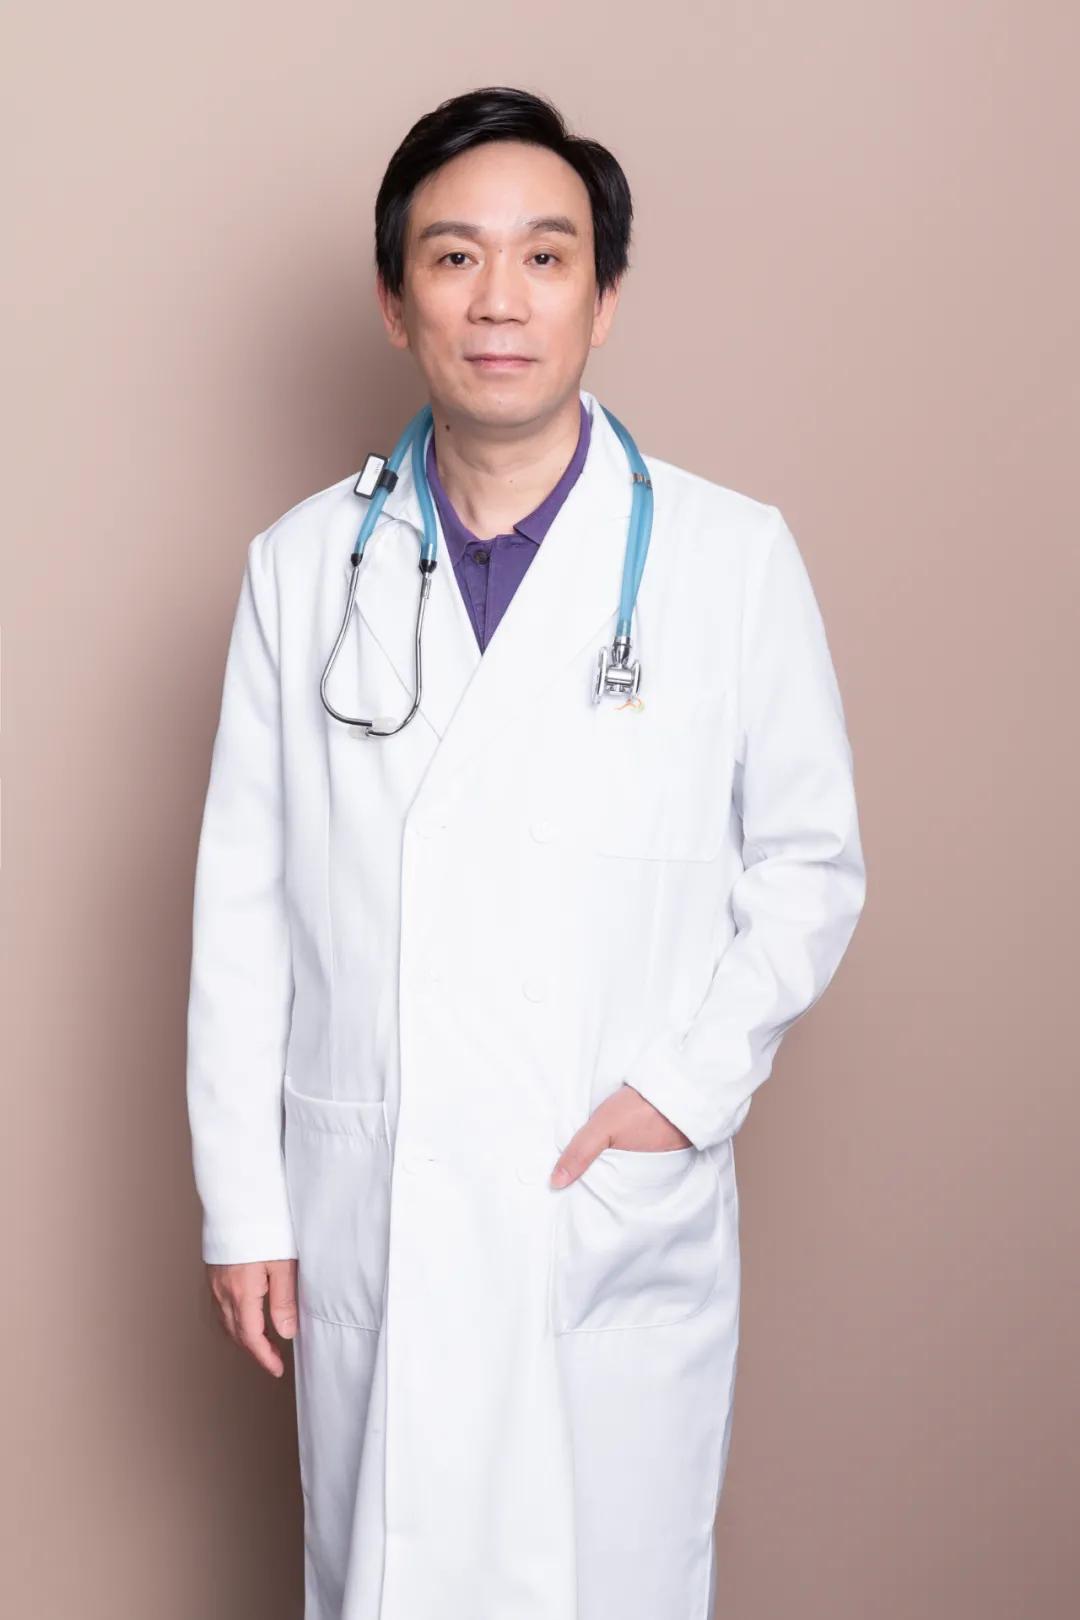 这位医生「神」了!看他的脸色就是「诊断书」!